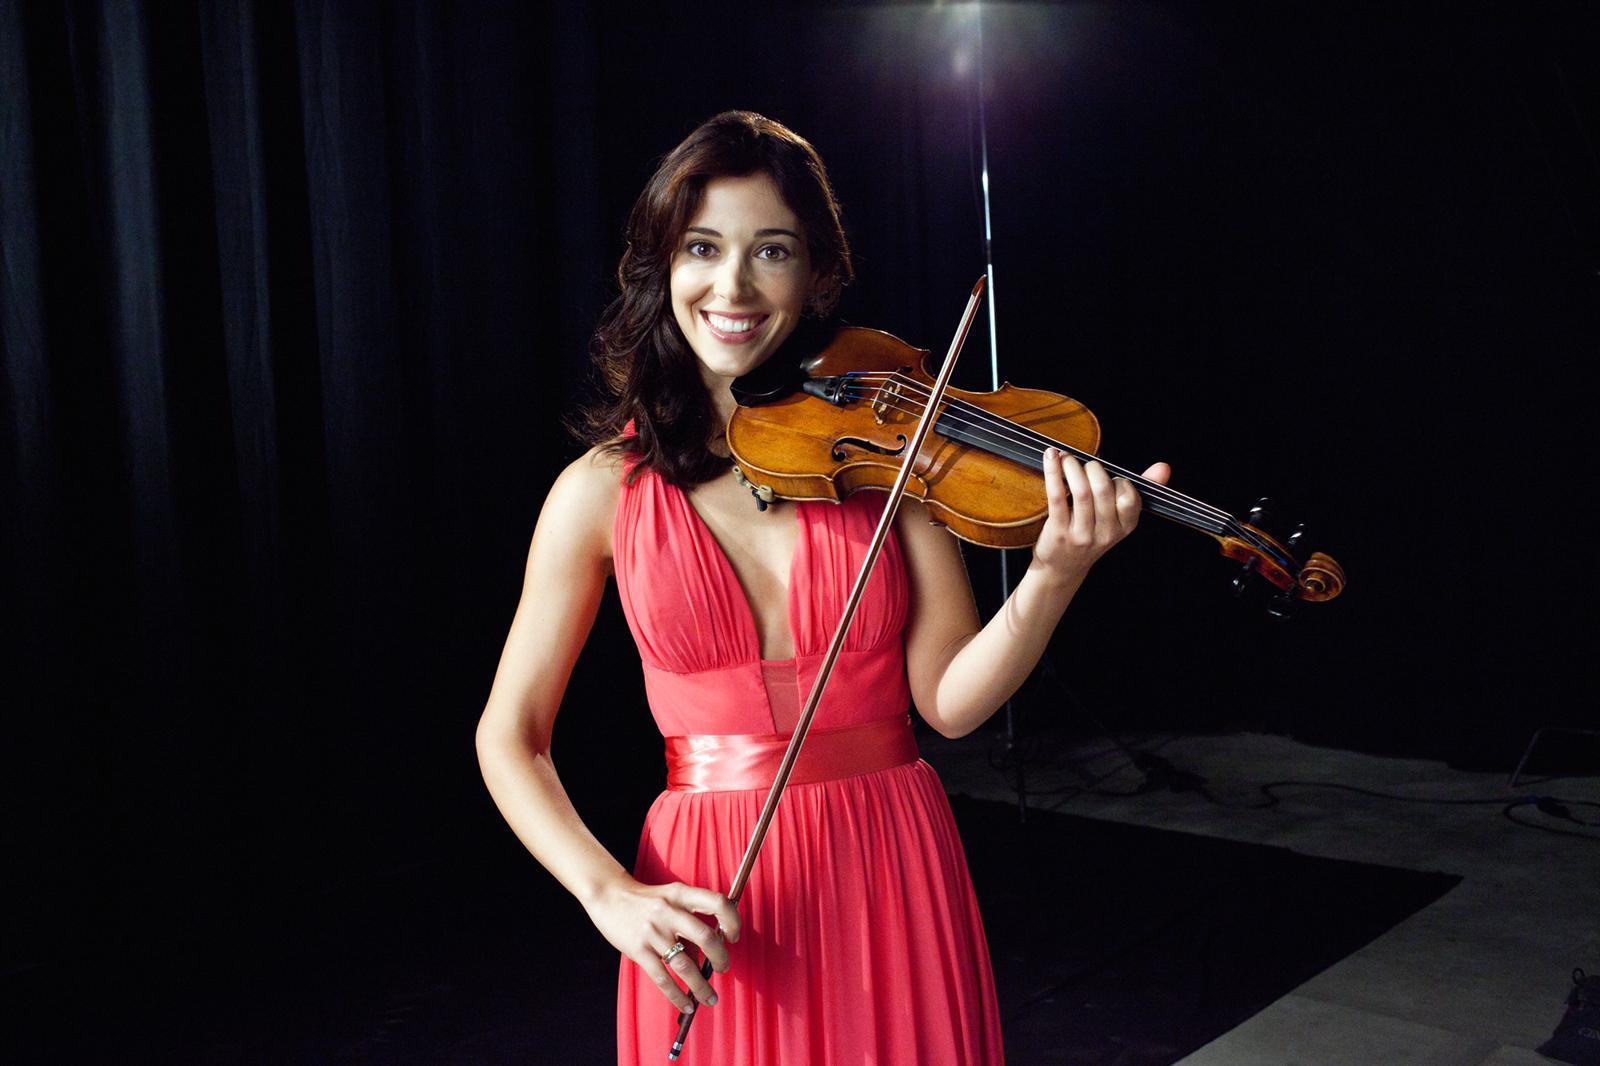 Cecilia, l'unica violinista donna (e italiana) alla Palast Orchester di Berlino